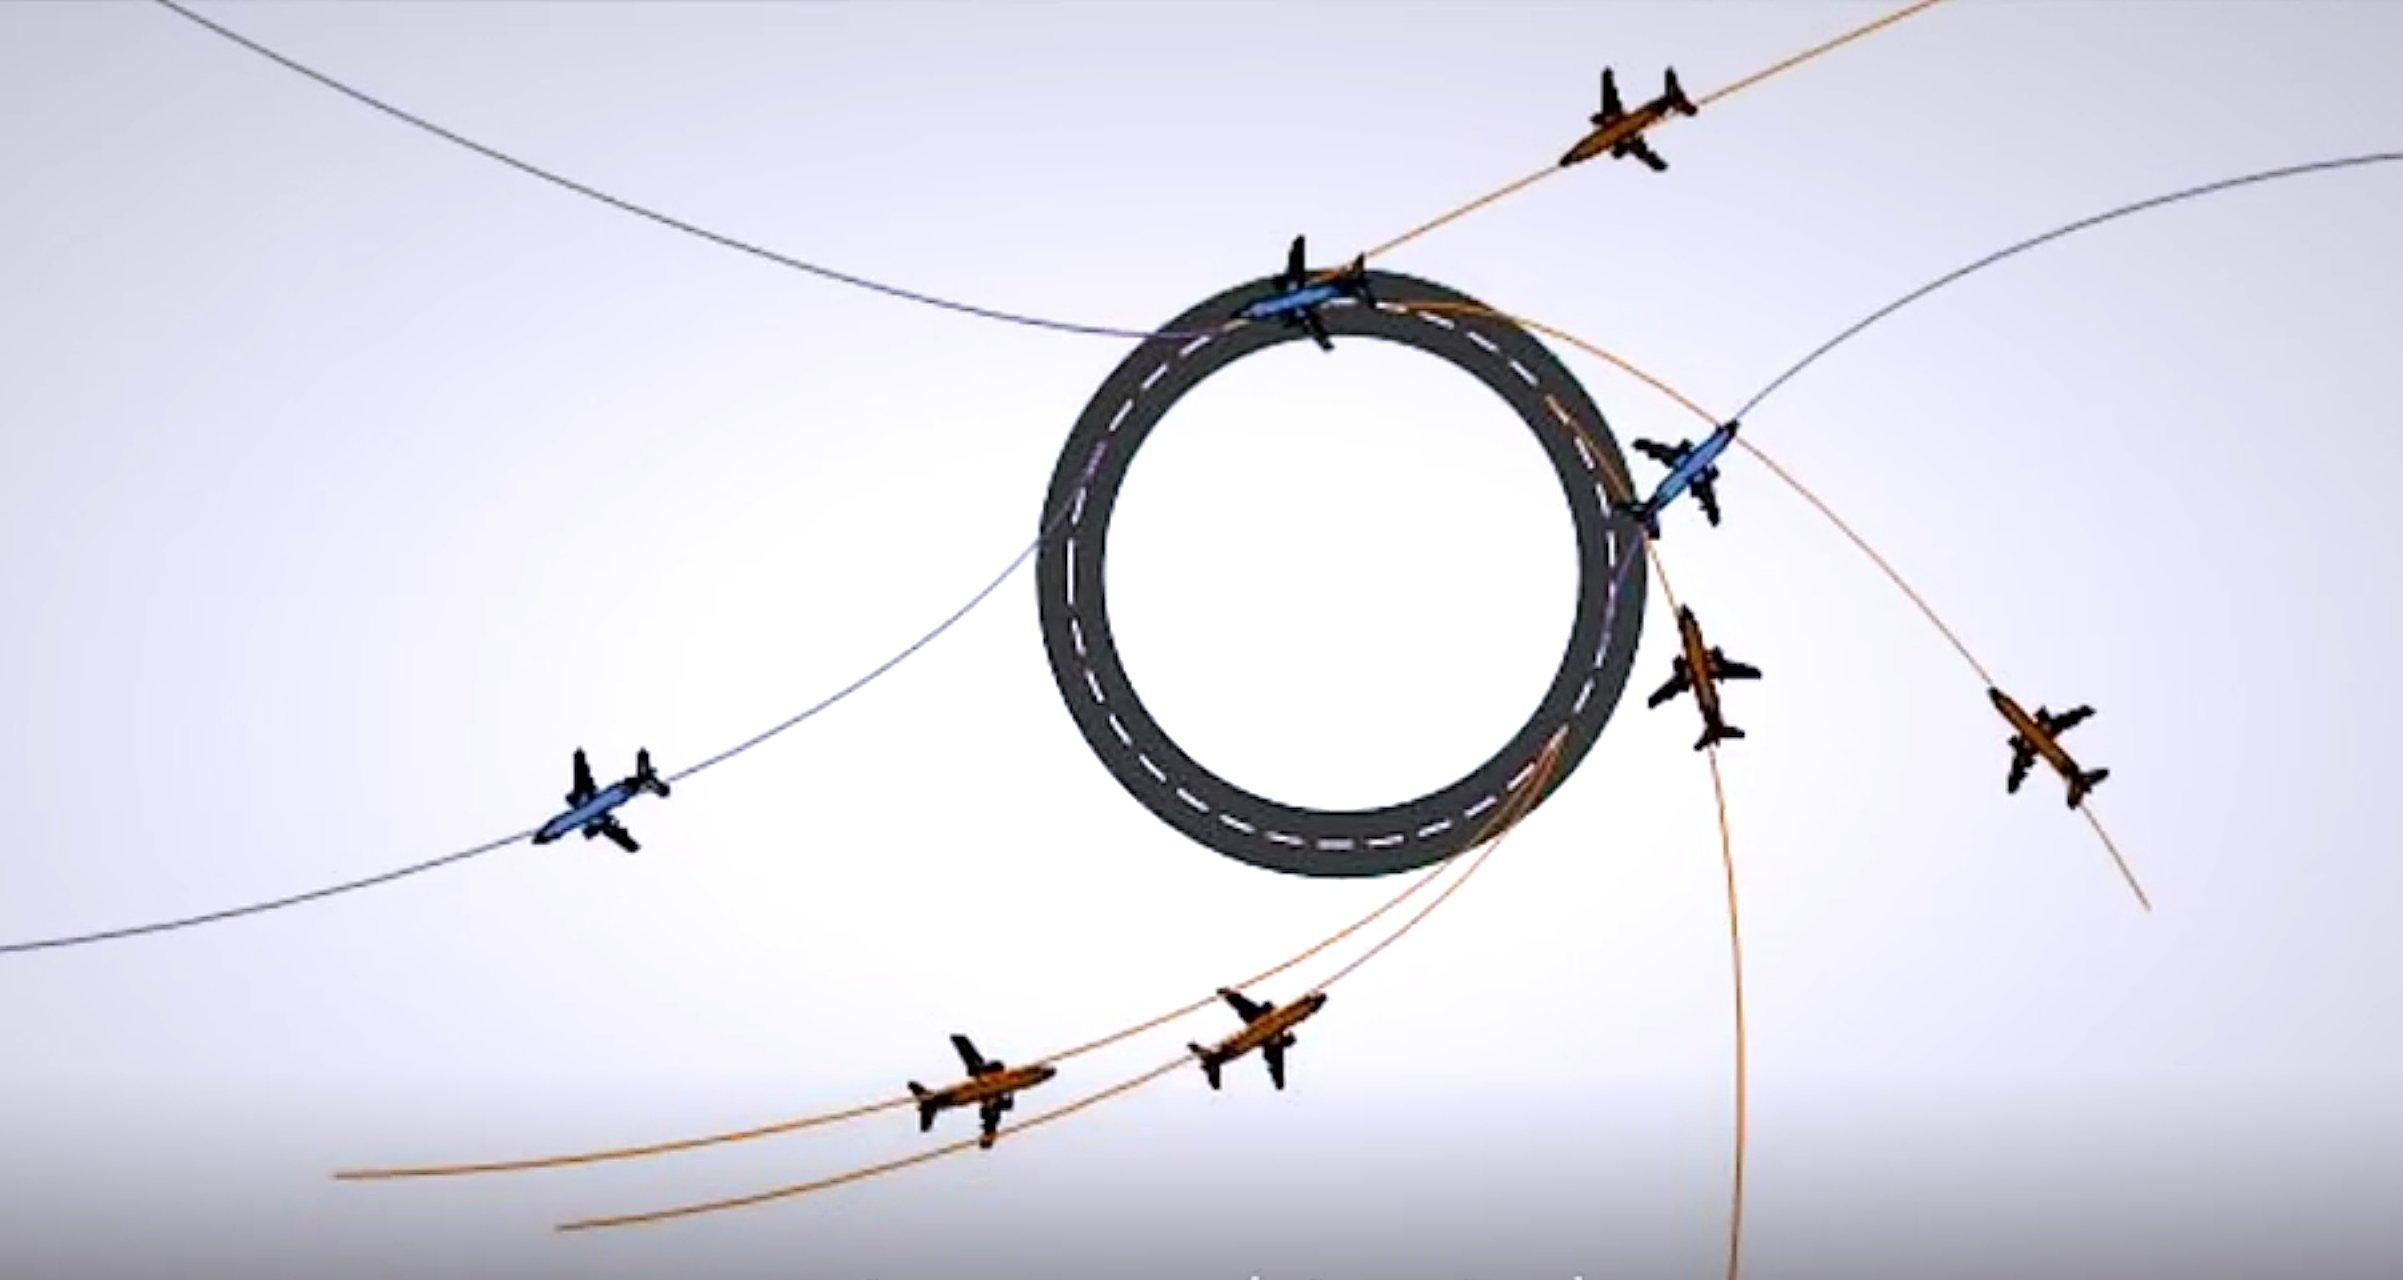 Die Flugzeuge können je nach Herkunft oder Zielort in optimaler Richtung starten und landen. Gleichzeitig können sie Seitenwinden aus dem Weg gehen.